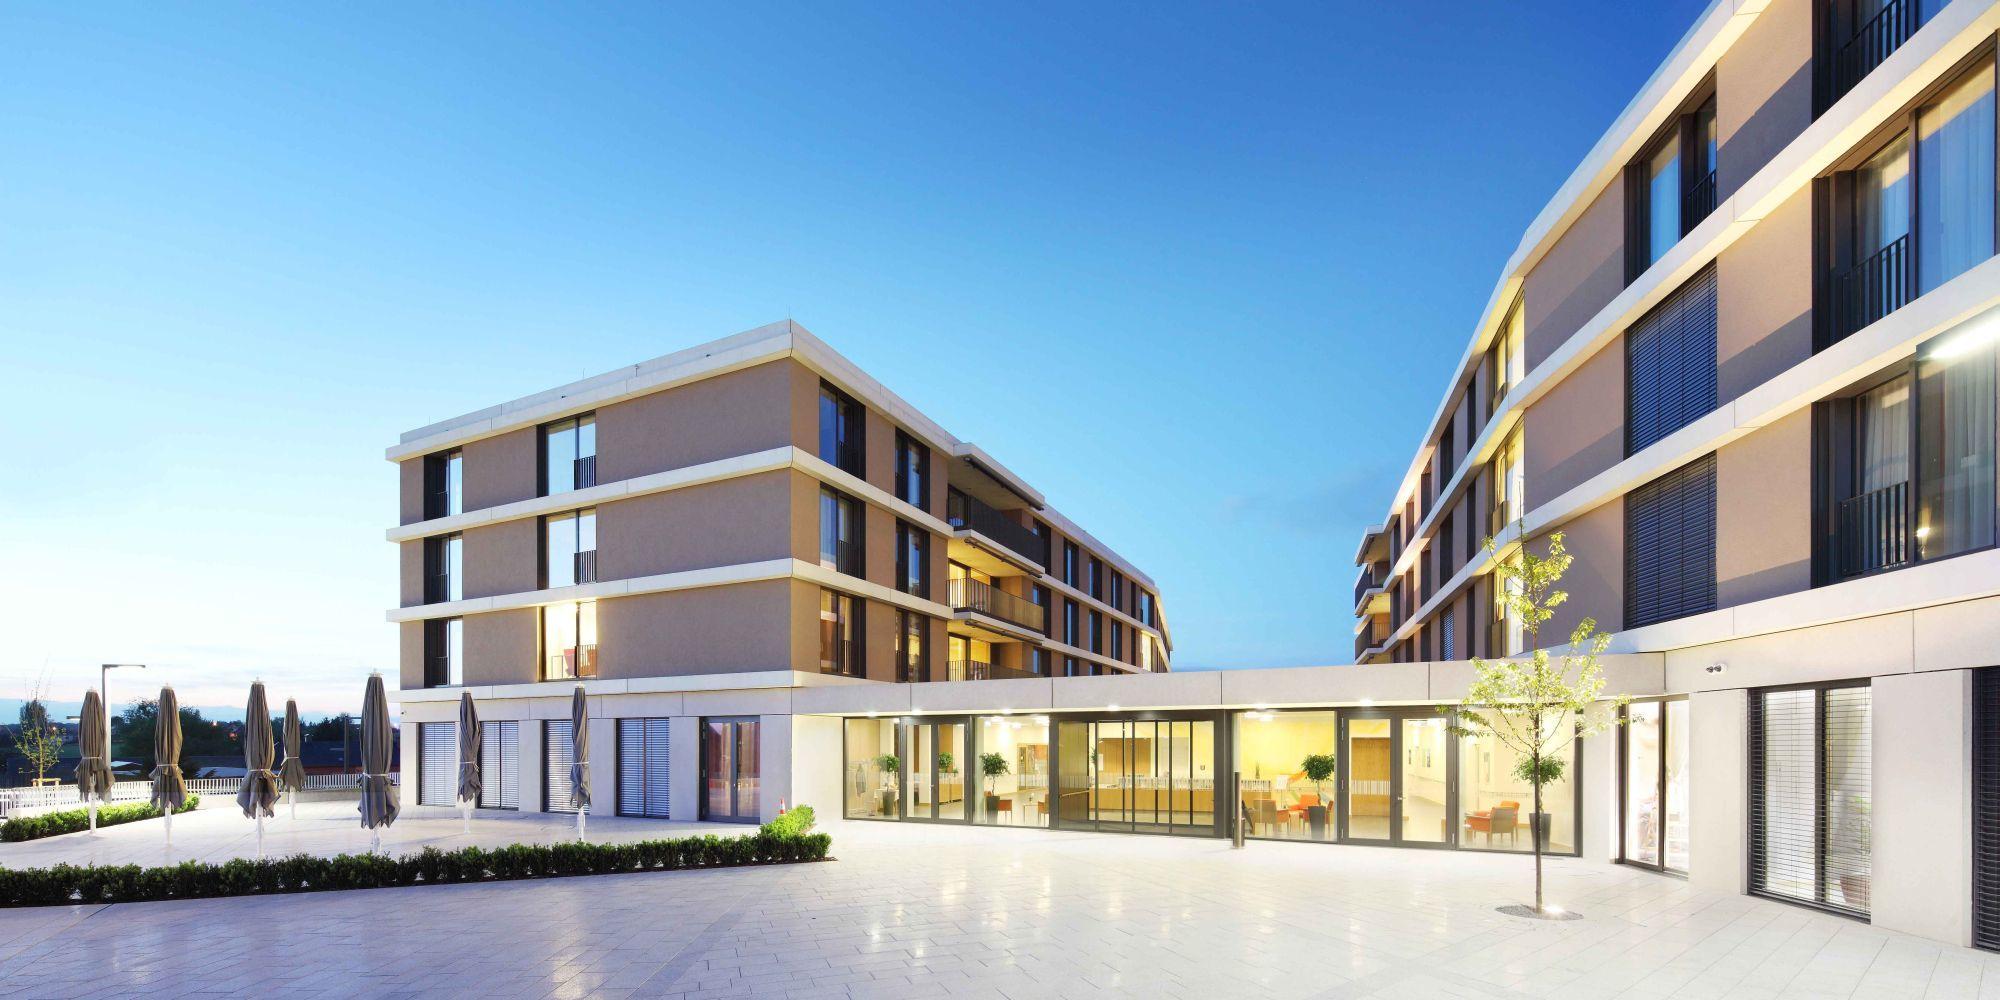 Architekten Ludwigshafen seniorie ste zithe contern luxemburg a sh architekten